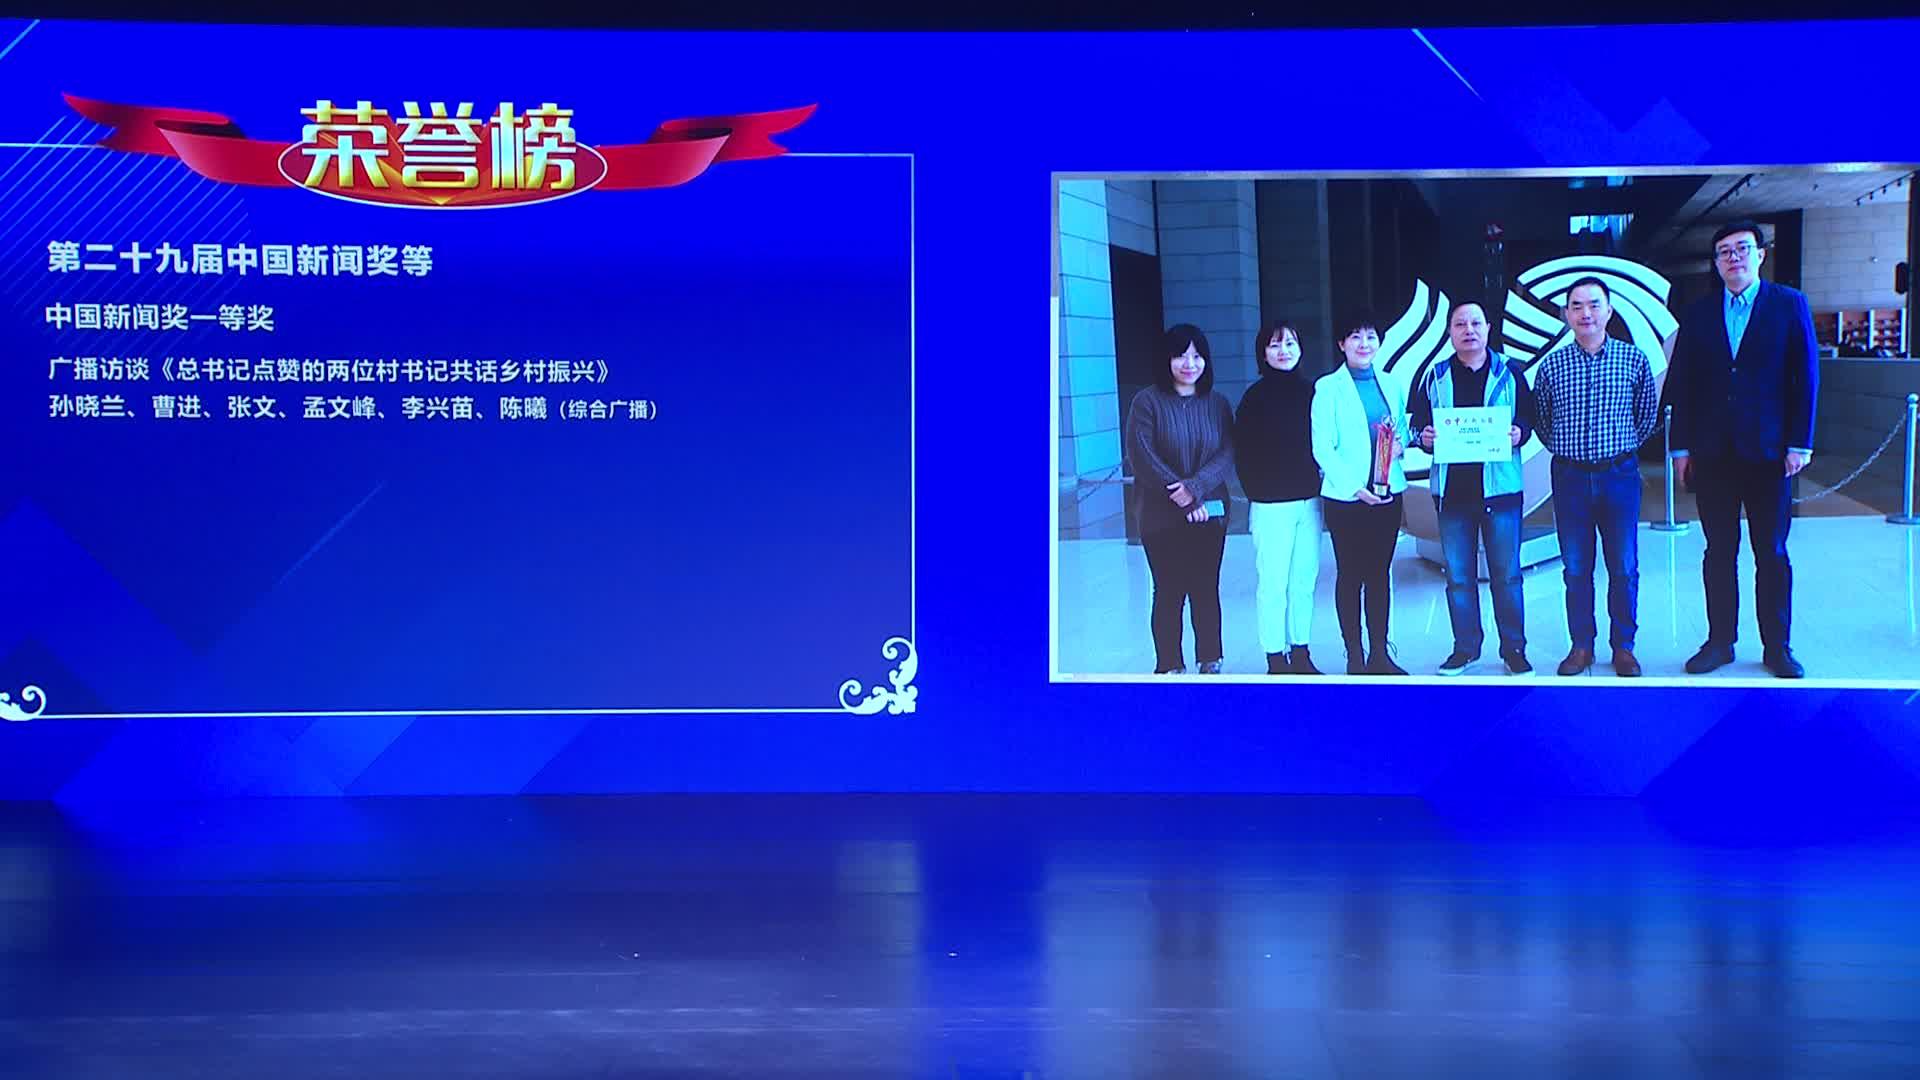 第二十九届中国新闻奖获奖短片